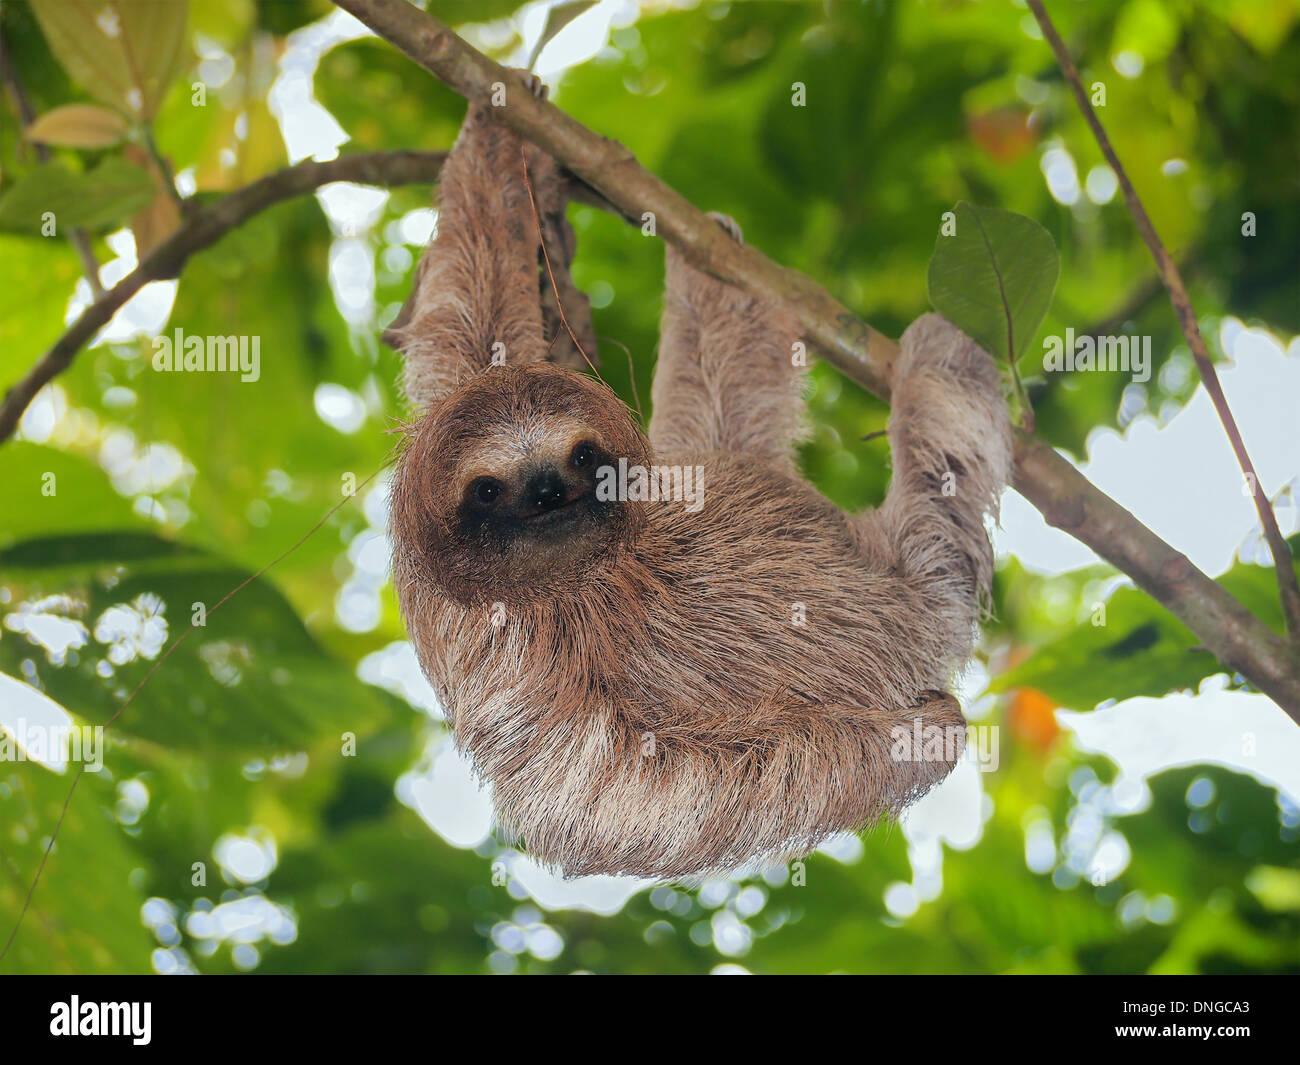 Les jeunes paresseux à gorge brune pendu à une branche dans la jungle, Bocas del Toro, PANAMA, Amérique Centrale Banque D'Images